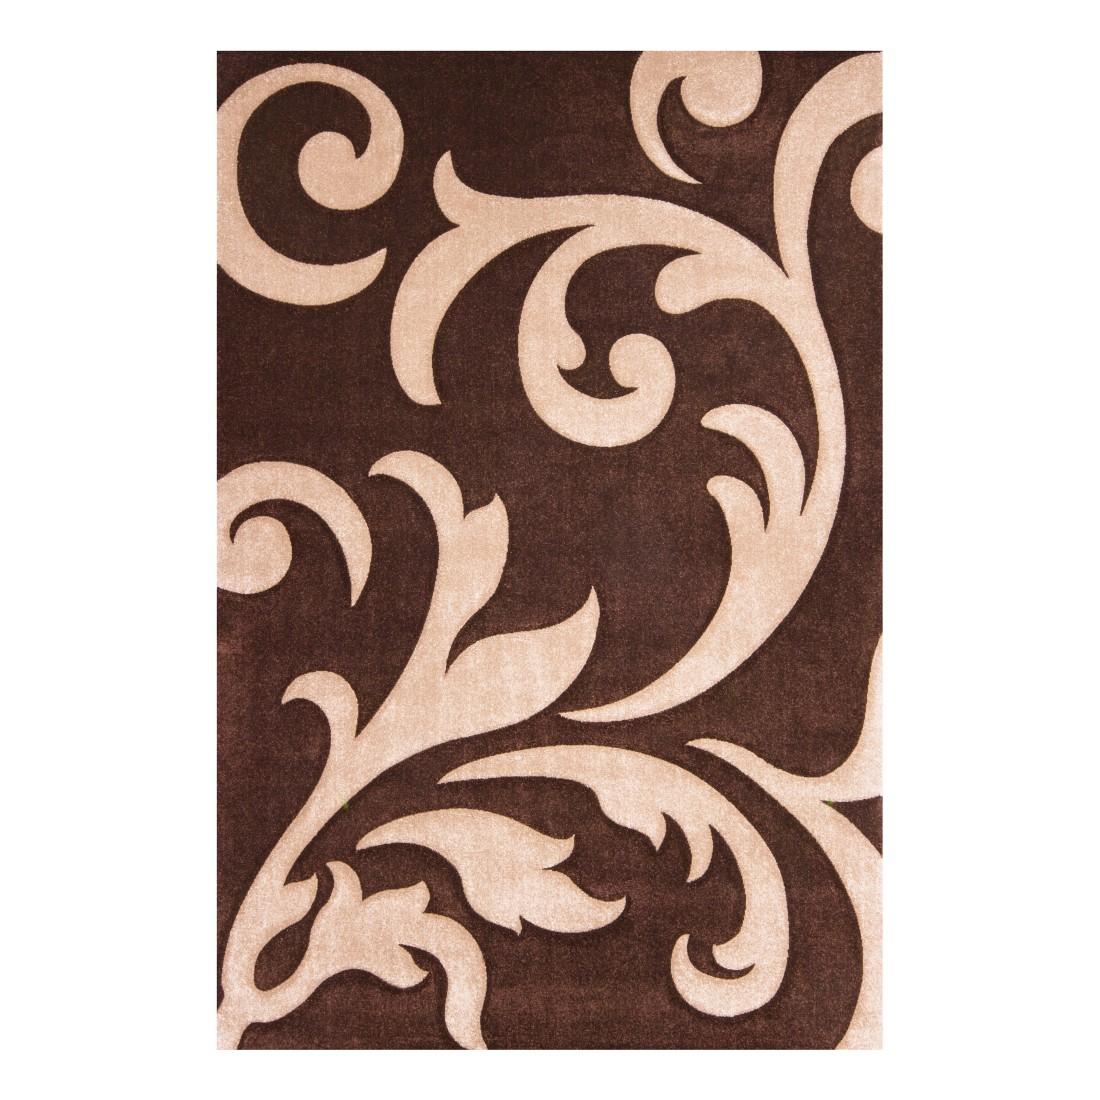 Teppich Paris – Beige – 160 x 230 cm, Kayoom günstig